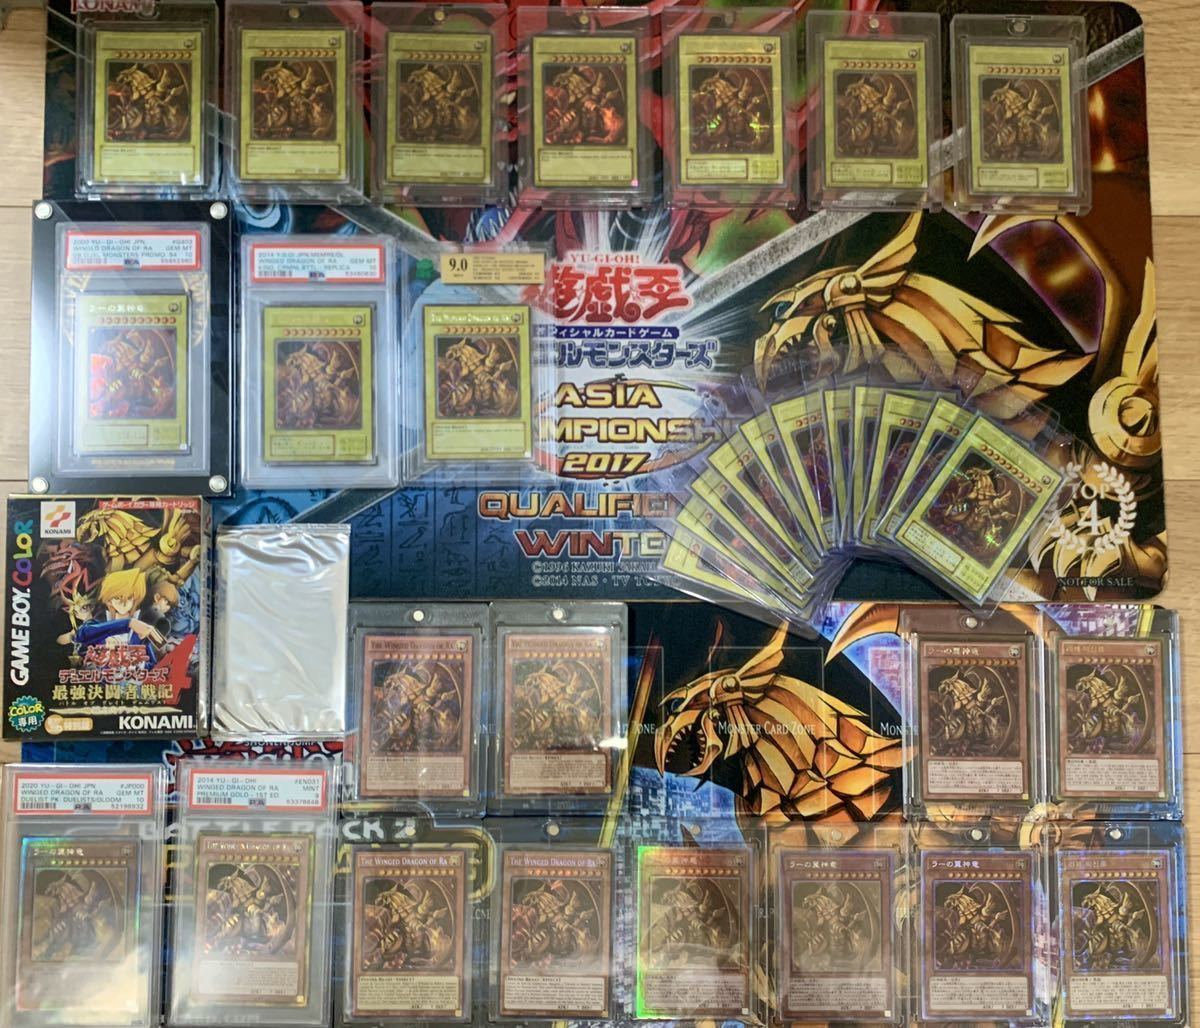 遊戯王 ラーの翼神竜祭り 大量まとめ売り プロモ PSA10、9 ゲーム特典未開封 ファラオズシークレット DOD GBI KICO プレイマット付き